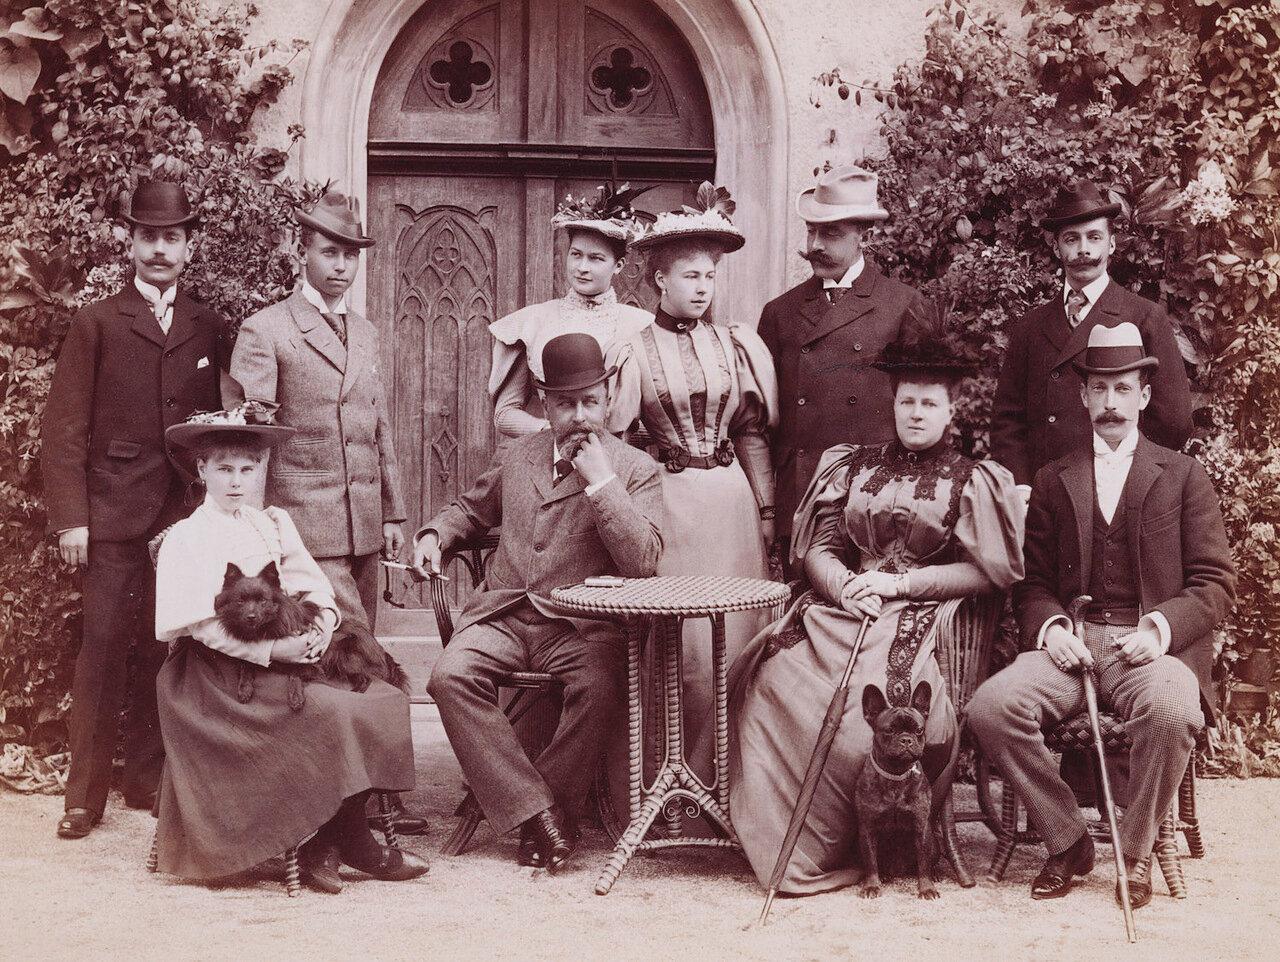 Стоят: принц Альфред, принц Эрнст Гогенлоэ-Ланденбург. Среди сидящих— великий князь Павел Александрович. Апрель 1897 года